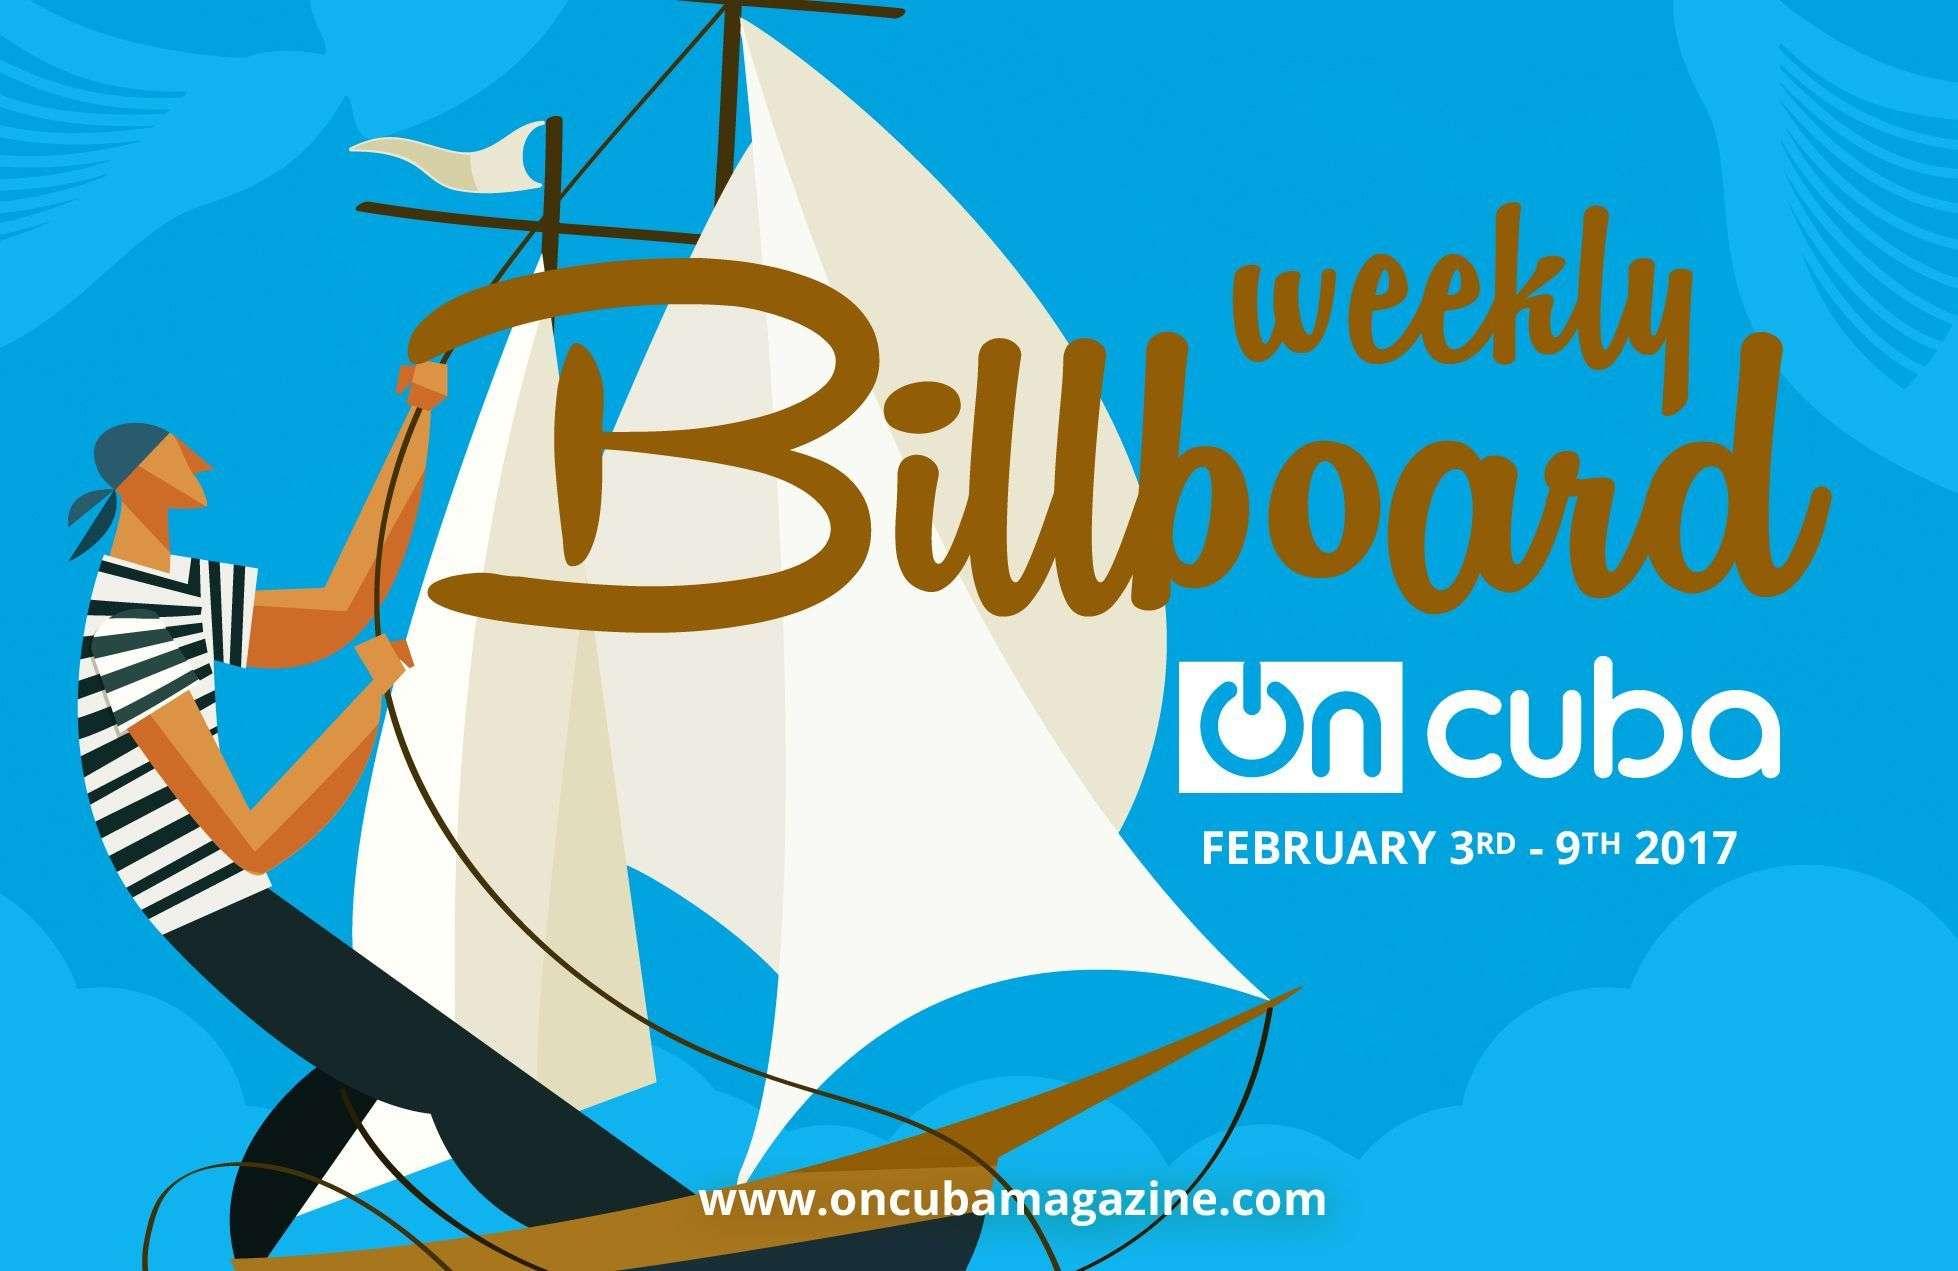 Weekly Billboard: Llauradó in G clef | OnCuba News - English